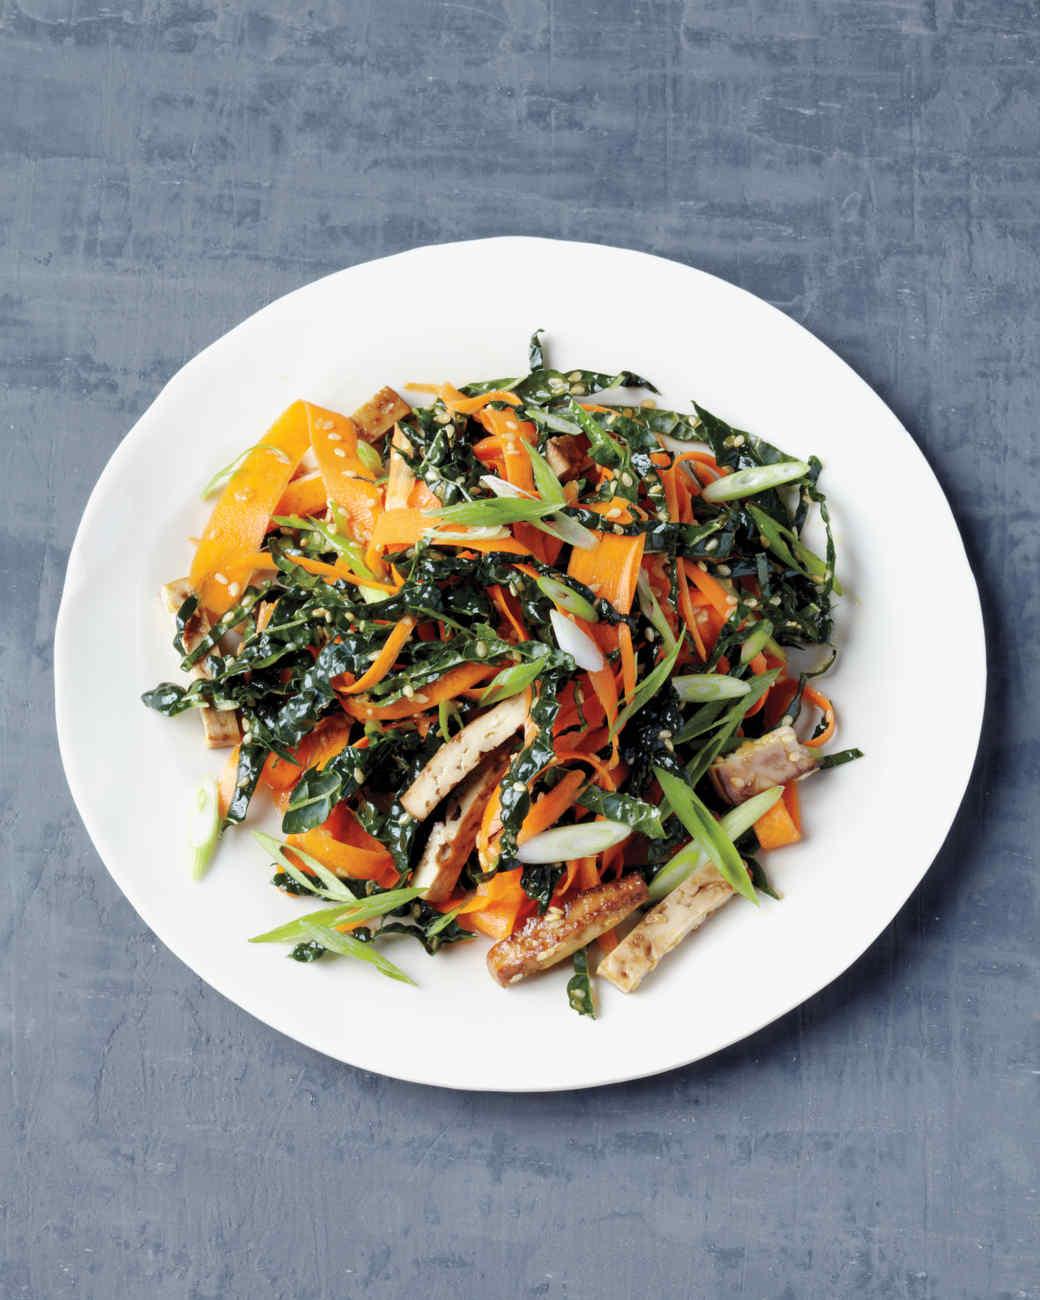 wk3-l-carrot-salad-013-mbd109439.jpg